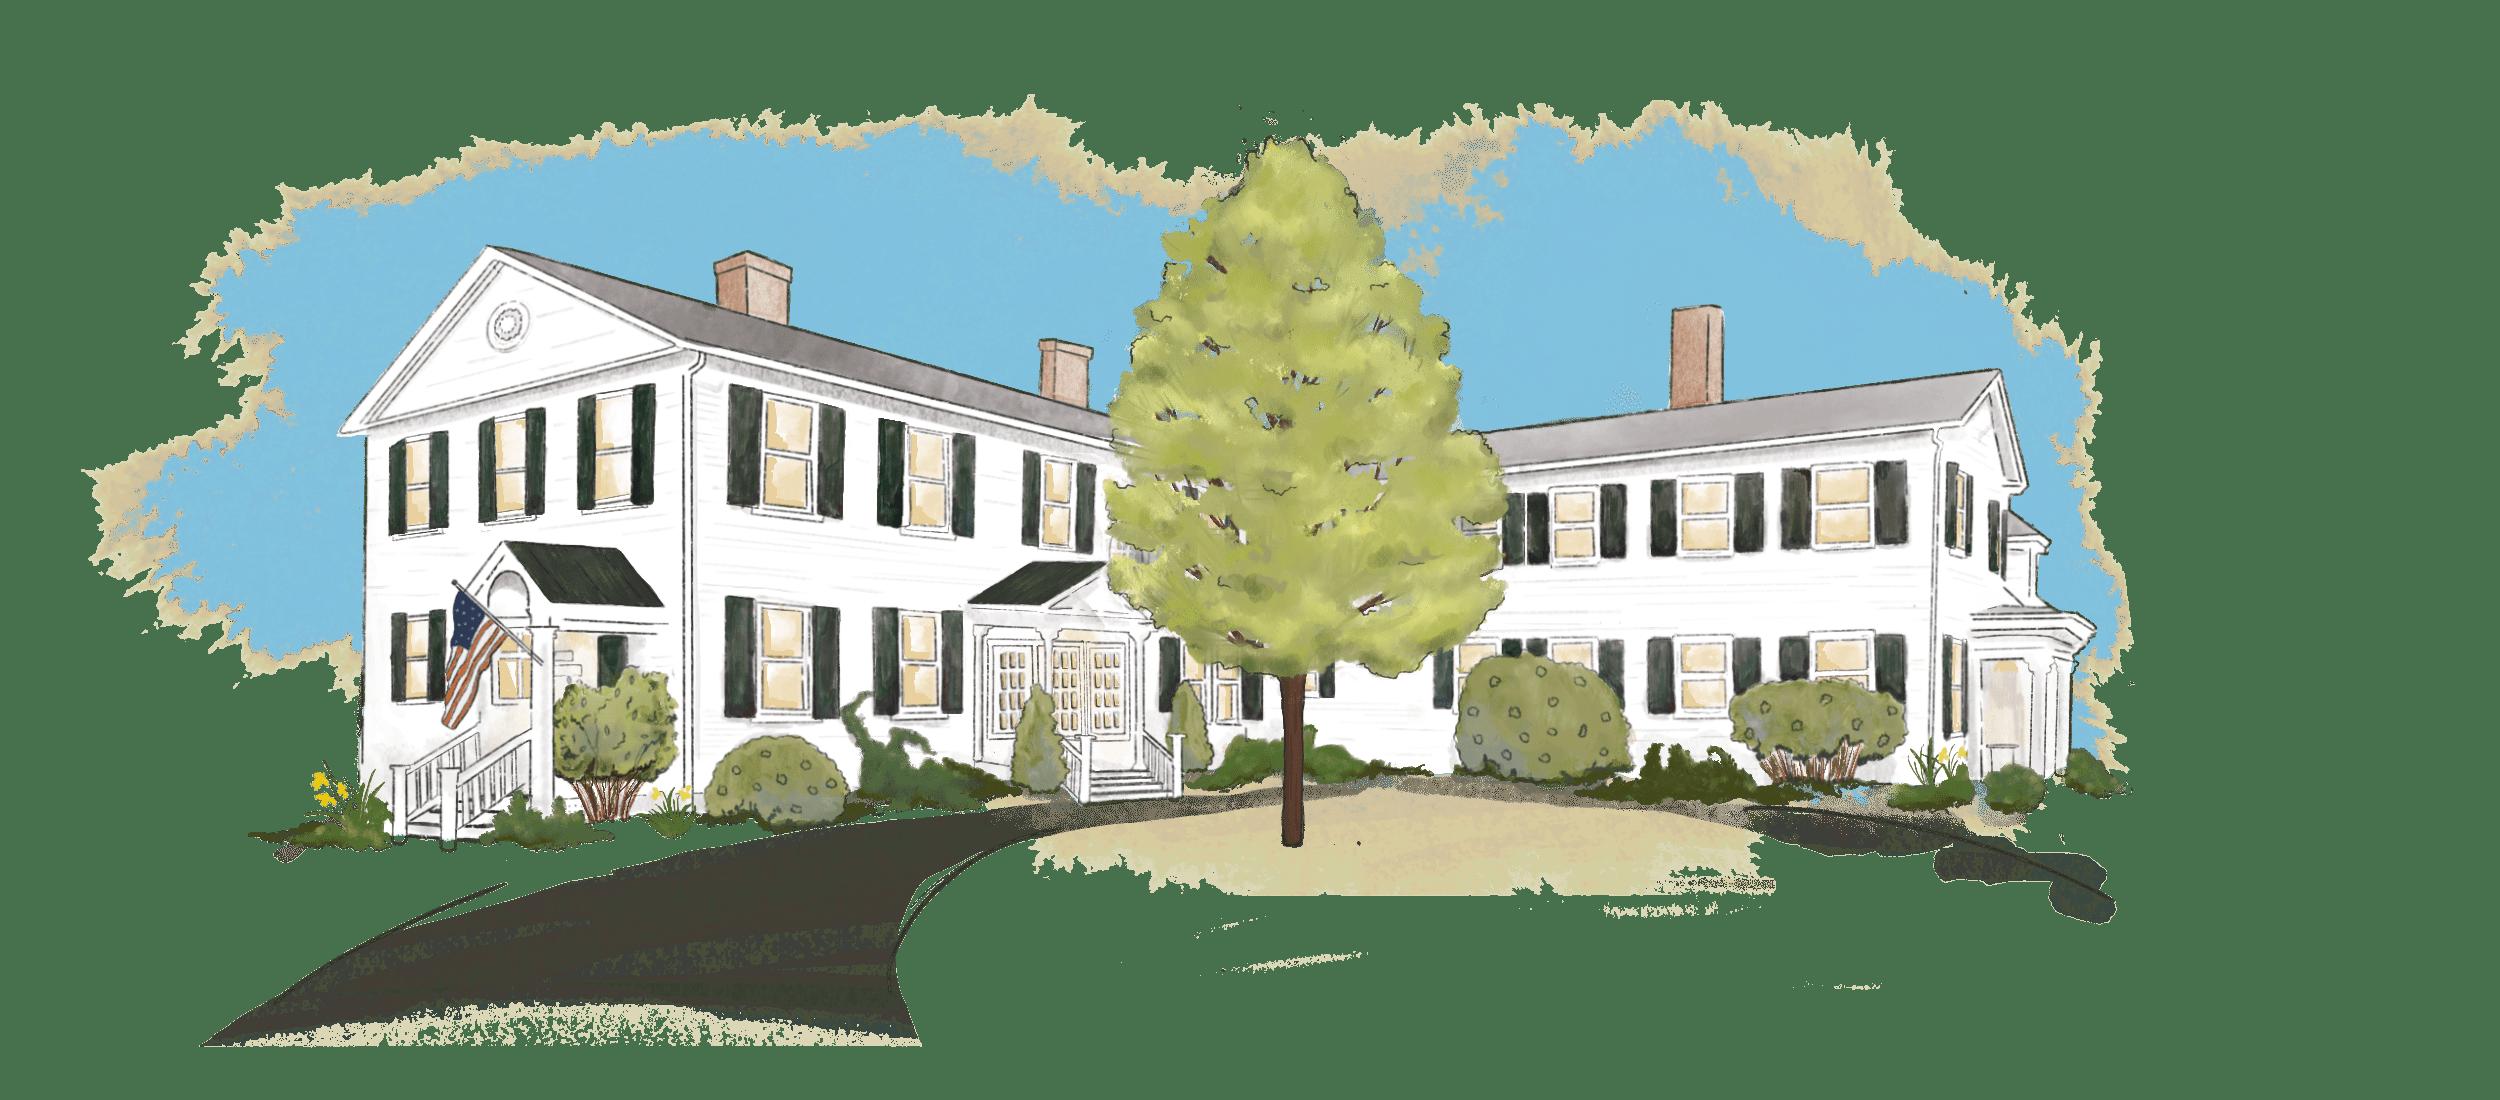 illustration of Swift House Inn main building in the Spring season